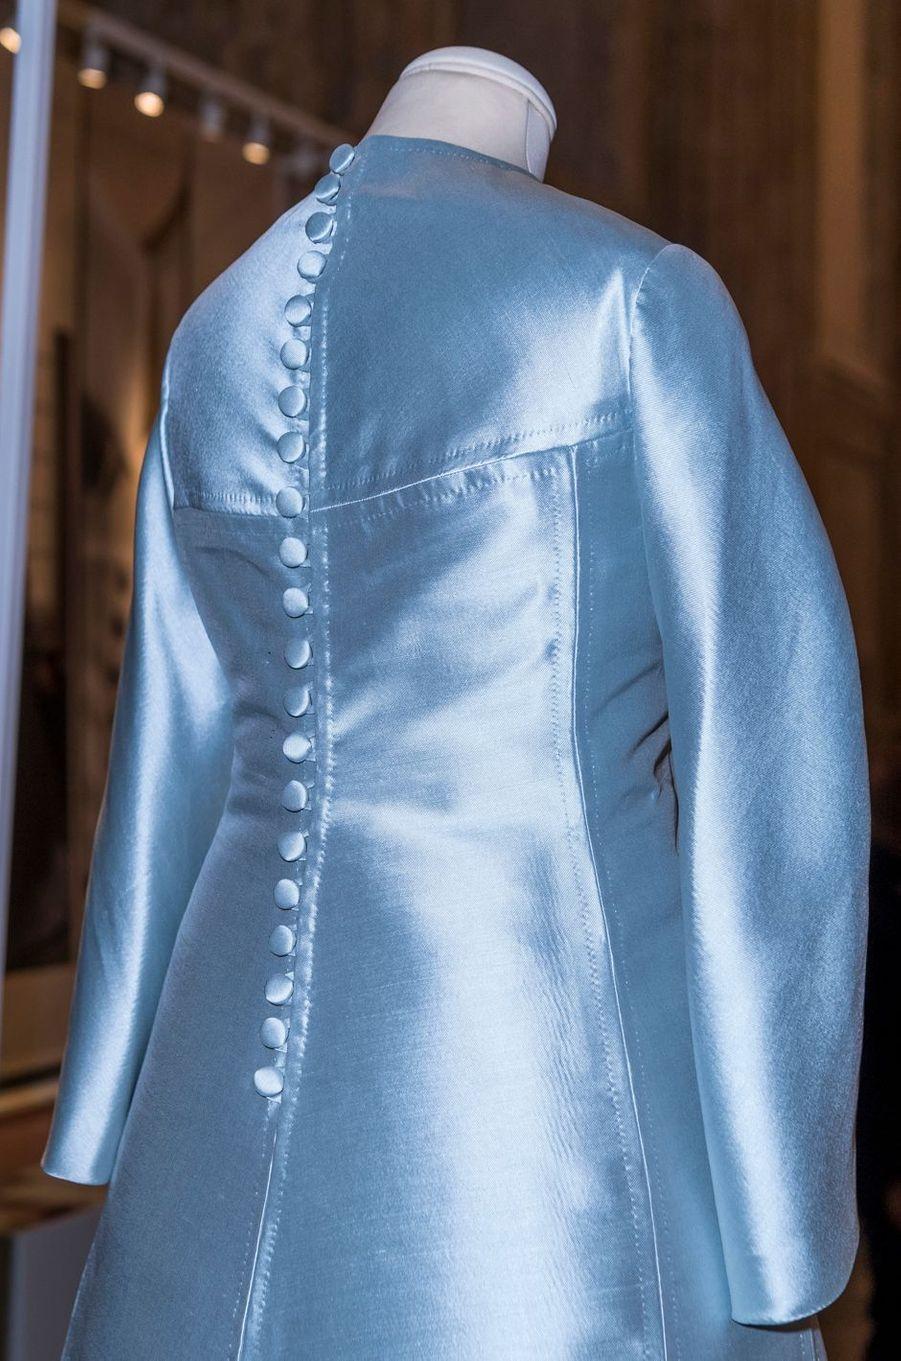 La robe de mariée de la princesse Lilian de Suède, exposée à Stockholm, le 17 octobre 2016